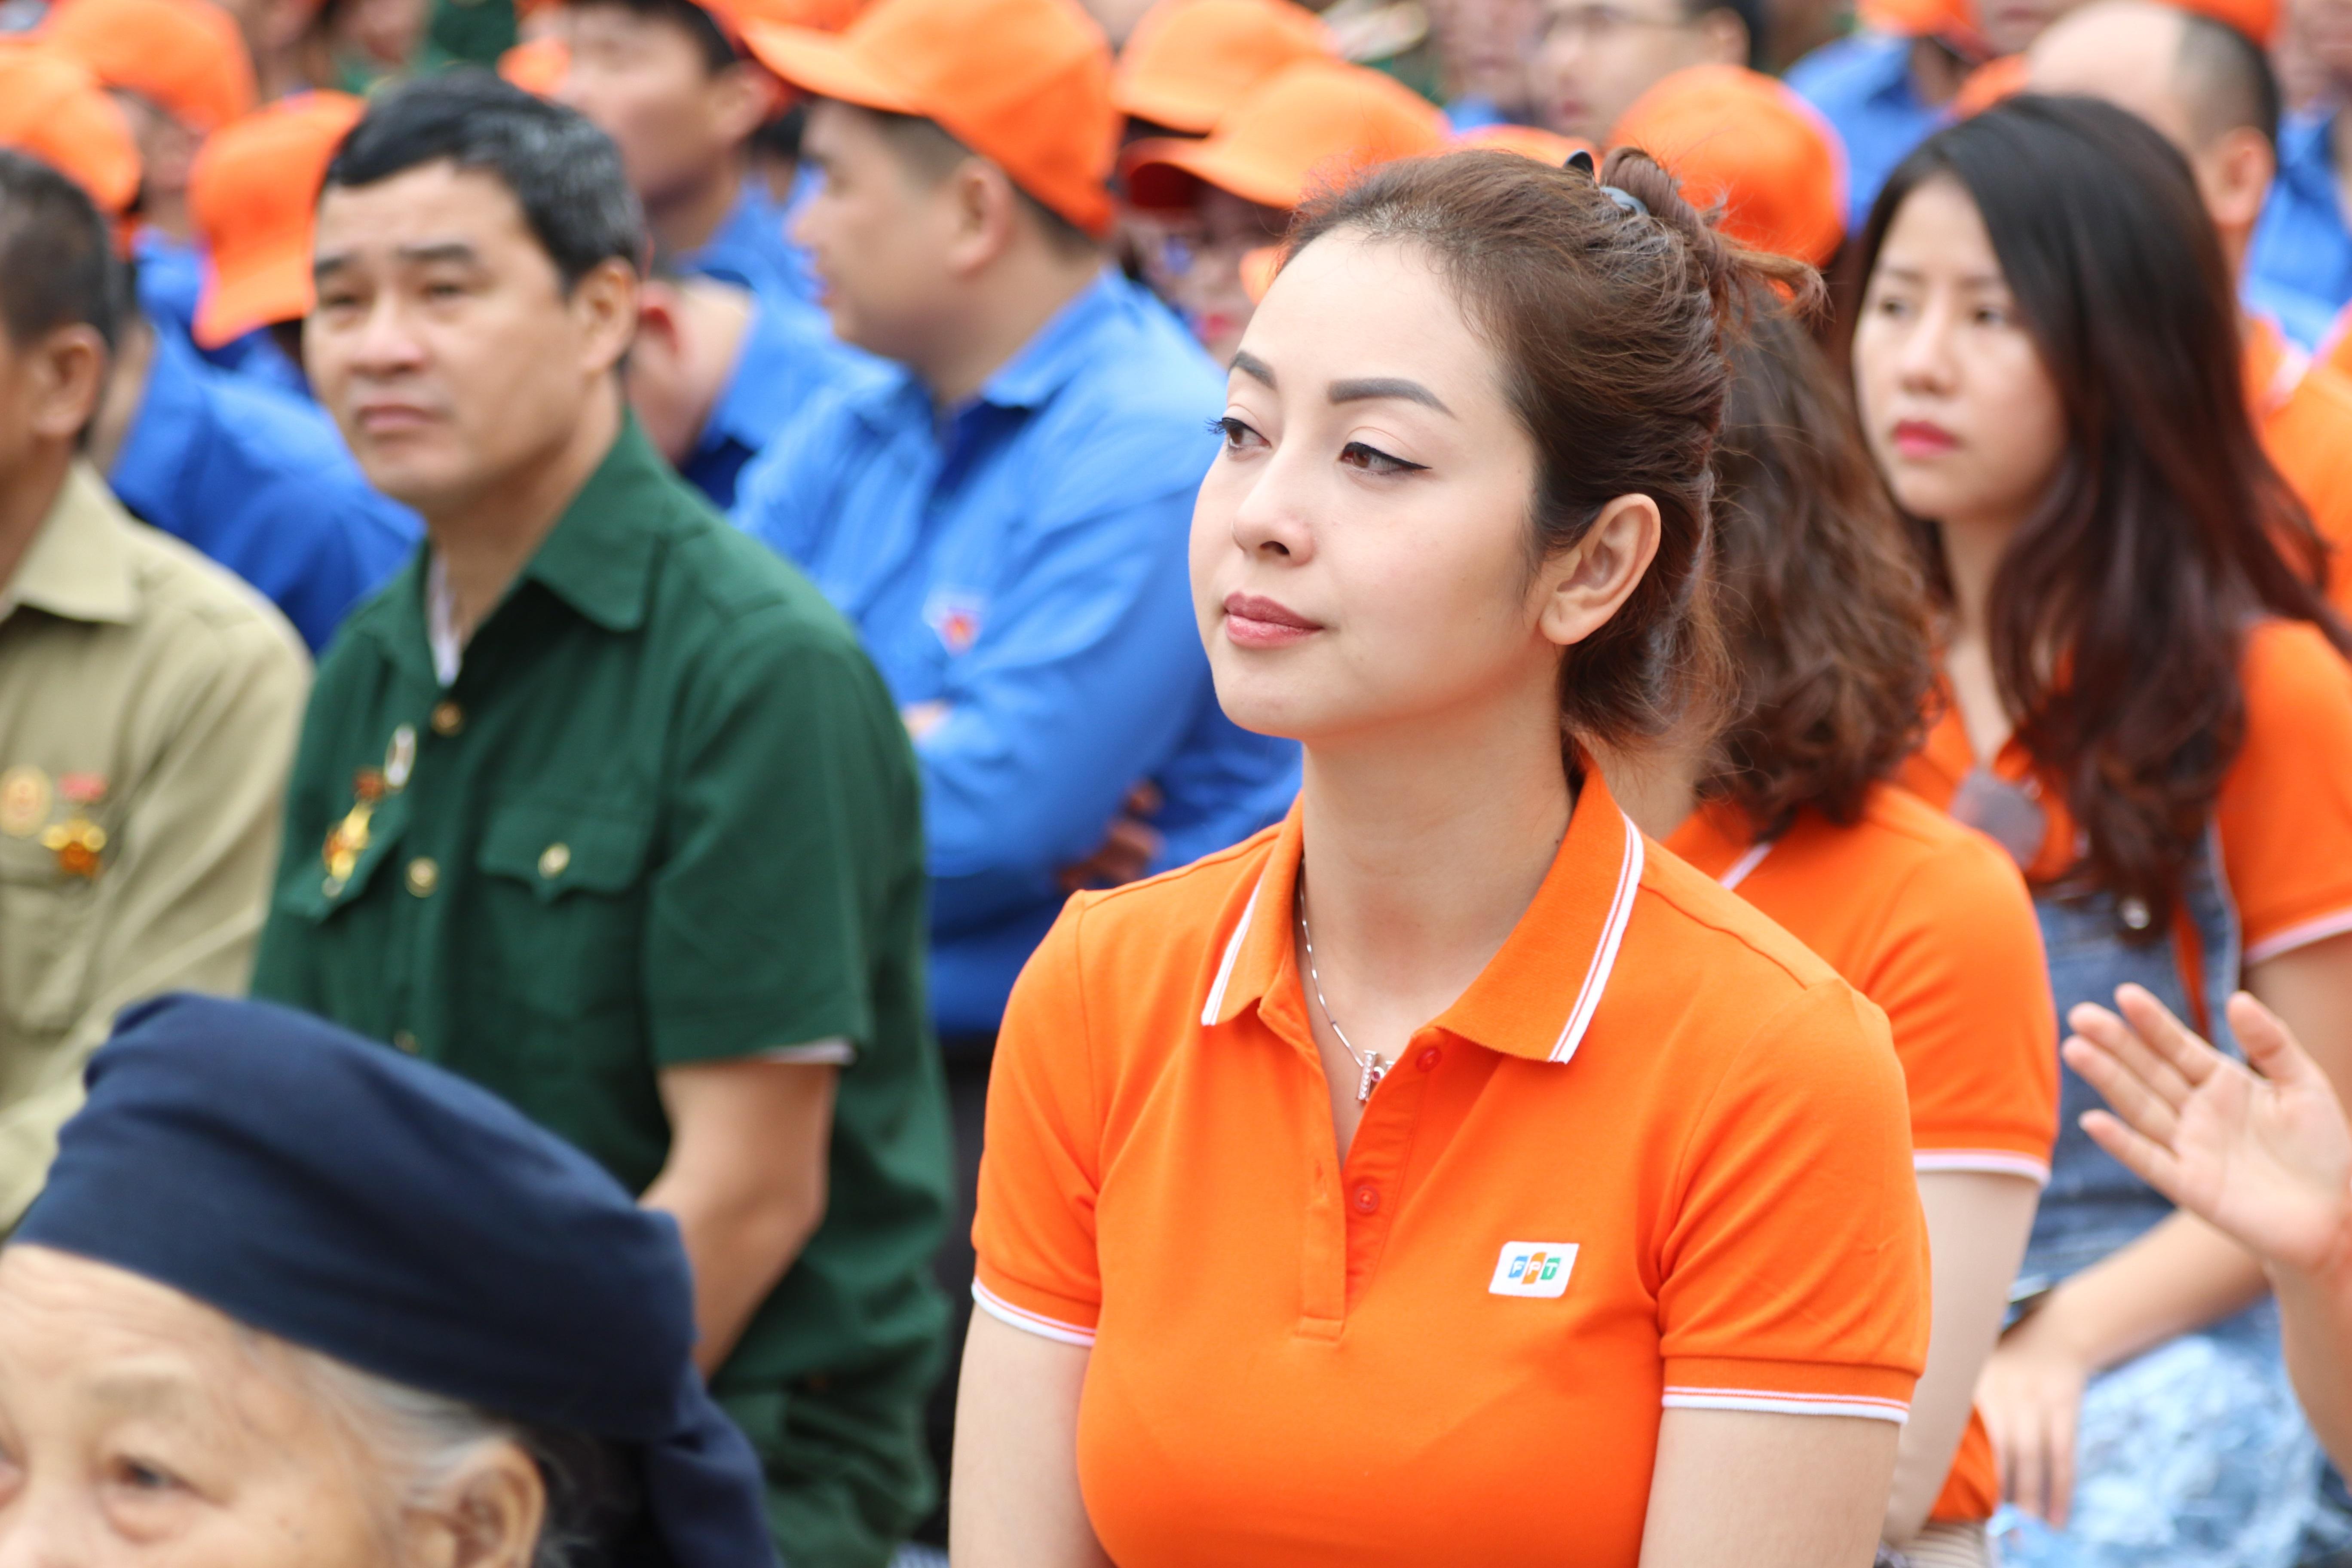 Jennifer Phạm là Hoa hậu châu Á tại Mỹ năm 2006 (Miss Asia USA). Hiện nay, cô trở thành một trong những gương mặt được yêu mến trong các chương trình truyền hình trực tiếp. Với giọng nói dịu dàng, thanh thoát, khả năng tiếng Anh tốt cùng sự thông minh, nhanh nhạy, Jennifer thường đảm nhận vai trò MC trong các chương trình lớn tại Việt Nam và nước ngoài.  FPT kêu gọi CBNV quyên góp 6.000 lá cờ tặng các hộ gia đình vùng biên. Đây là một trong hai hoạt động điểm nhấn trong chuỗi hành động vì cộng đồng năm nay, bên cạnh việc tặng và lắp đặt 1.000 góc học tập cho trẻ em nghèo tại 25 tỉnh thành biên giới. Chương trình quyên tặng quốc kỳ được tổ chức song hành cùng lễ phát động FPT vì cộng đồng 2019, liên tục từ ngày 11/3 đến 13/3 tại 4 vùng miền tổ quốc. Số cờ này được FPT cử đại diện trao tận tay người dân vùng biên viễn. Đặc biệt năm nay chương trình tập trung chủ đạo tại Hà Giang. Theo đó, ngày 14-15/3, hơn 100 người FPT lên huyện Vị Xuyên (Hà Giang), một trong những mặt trận ác liệt nhất trong cuộc chiến bảo vệ chủ quyền biên giới năm 1979 và 1984, để tặng 2.000 lá cờ, 400 góc học tập cho các hộ gia đình và trẻ em nghèo. Trong trường hợp CBNV không thể mang cờ ủng hộ trực tiếp, Ban tổ chức có hỗ trợ bằng hình thức chuyển khoản. Để thực hiện theo cách này, người FPT truy cập vào website connect.fpt.com.vn, chọn tặng cờ và đăng nhập. Mỗi lá cờ ủng hộ bằng hình thức chuyển khoản tương đương 20.000 đồng.